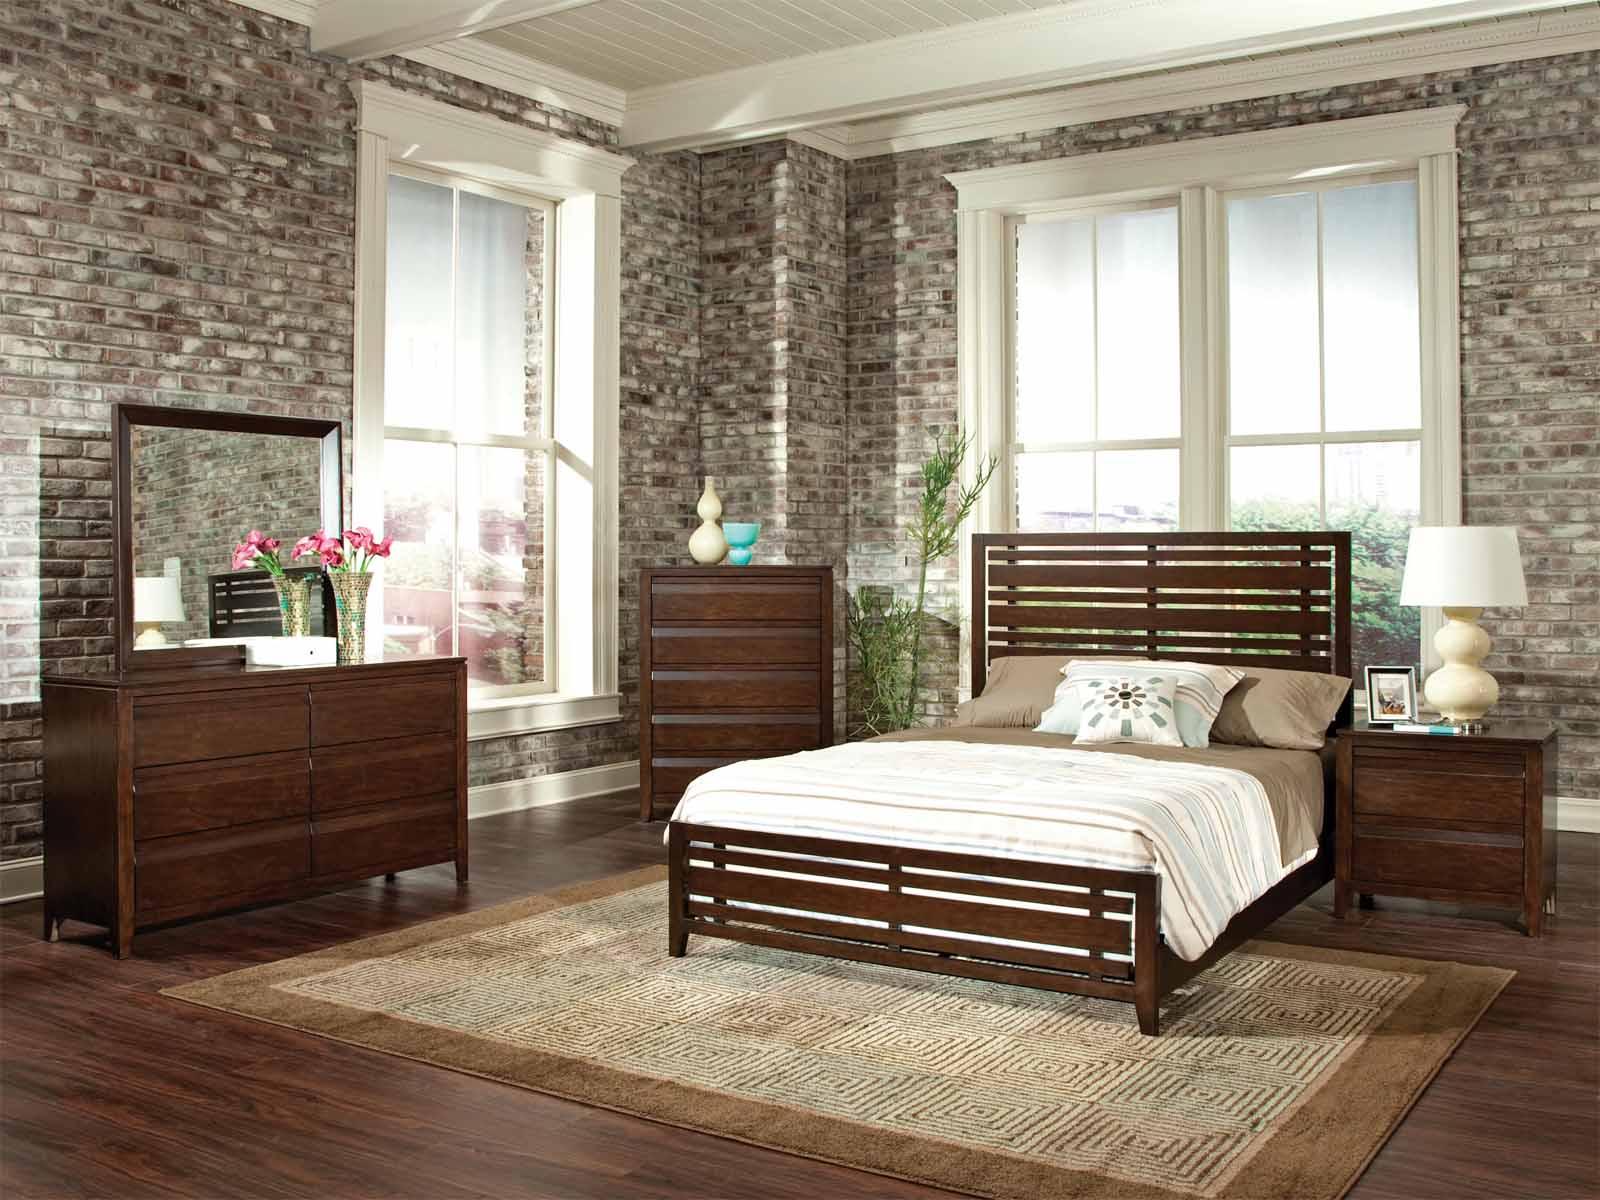 التصميمات العبقرية لـ غرف النوم الفرنسية | المرسال